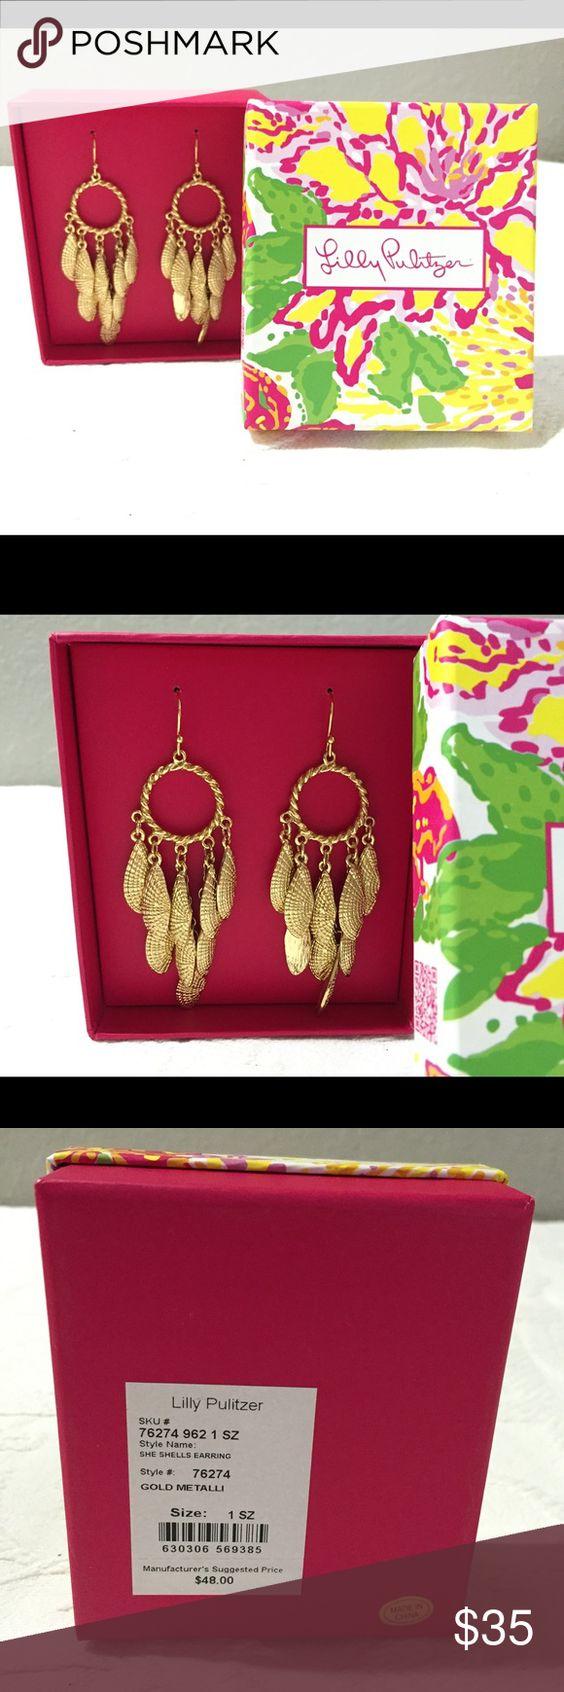 Lilly Pulitzer She Shells Earrings Nib Brand New Lilly Earrings, Box  Included Lilly Pulitzer Jewelry